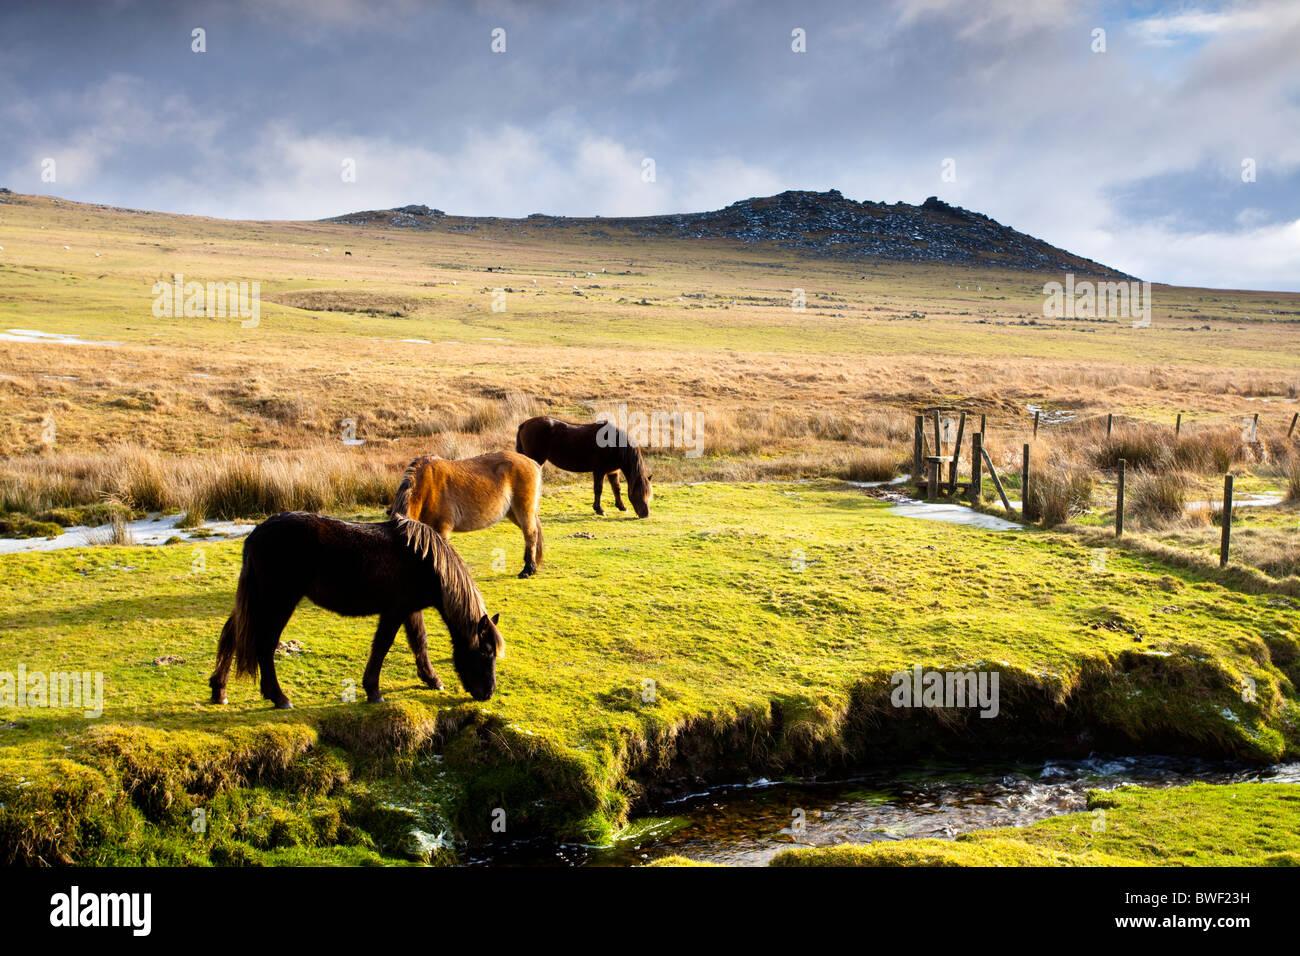 Cavalli in Bodmin Moor con ruvida Tor in background. Foto Stock